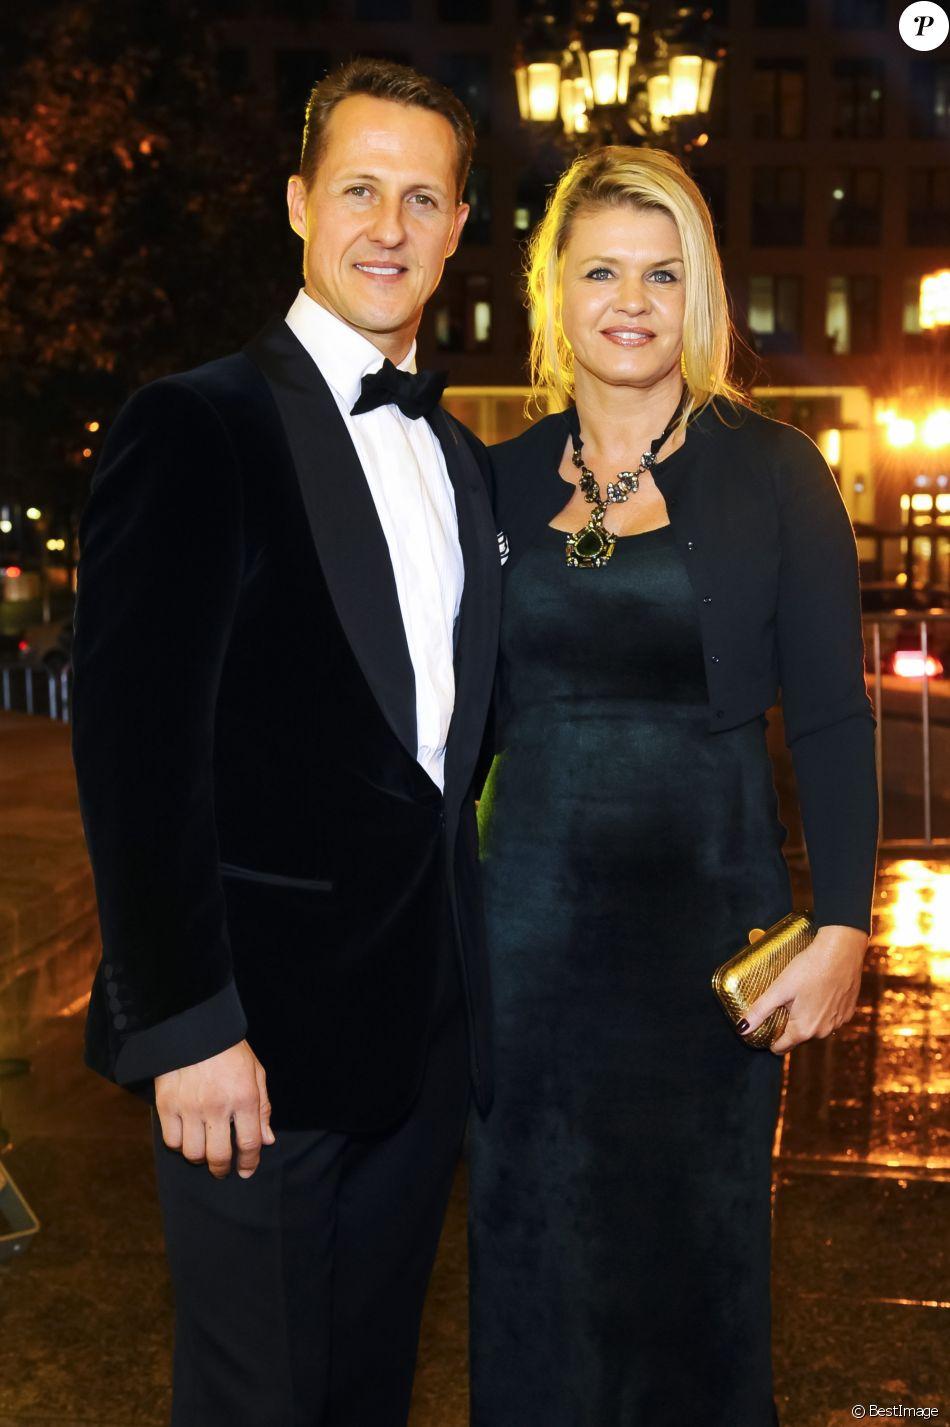 Michael Schumacher et sa femme Corinna lors du 31e Gala des Légendes du Sport à l'Opéra de Francfort le 10 novembre 2012